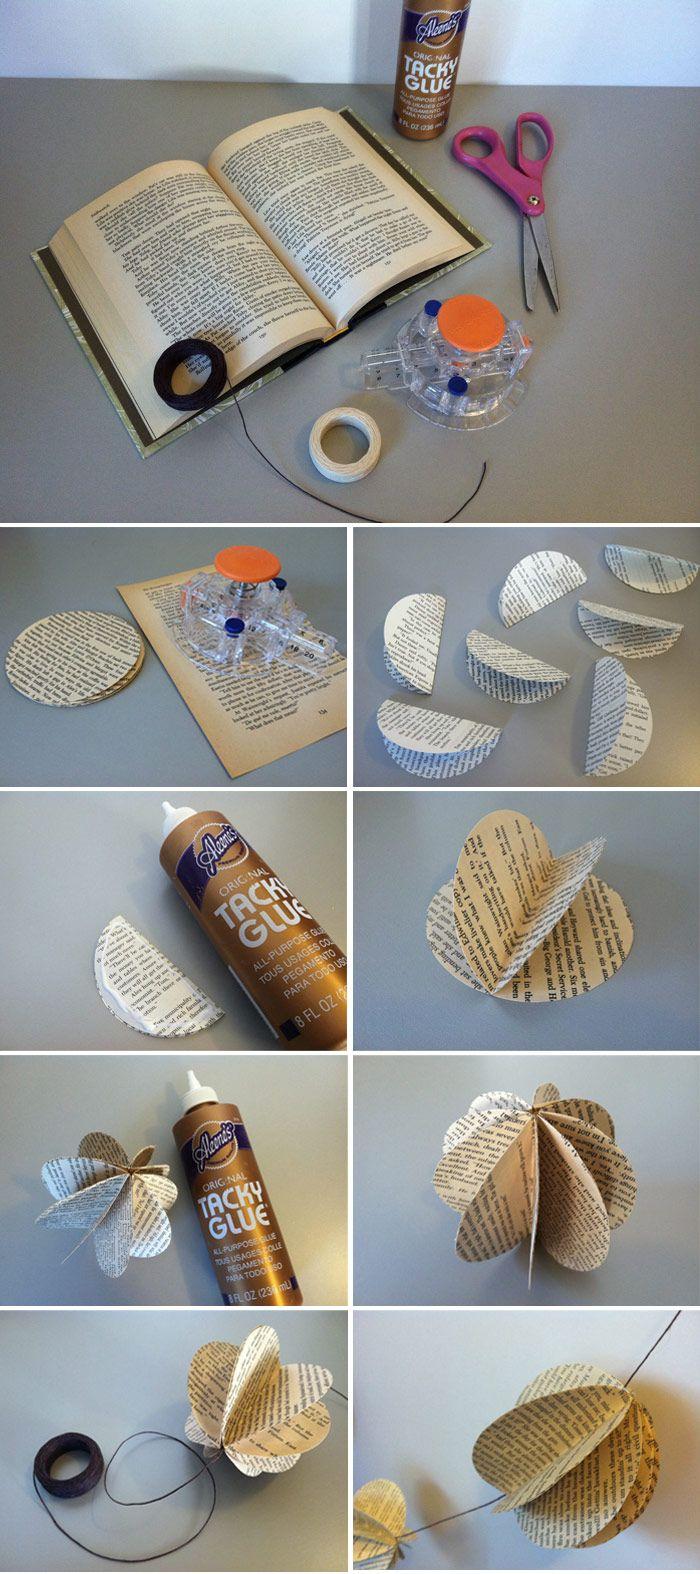 DIY Decorative Book Garland   Jam   Toast. DIY Decorative Book Garland   Jam   Toast   DIY projects